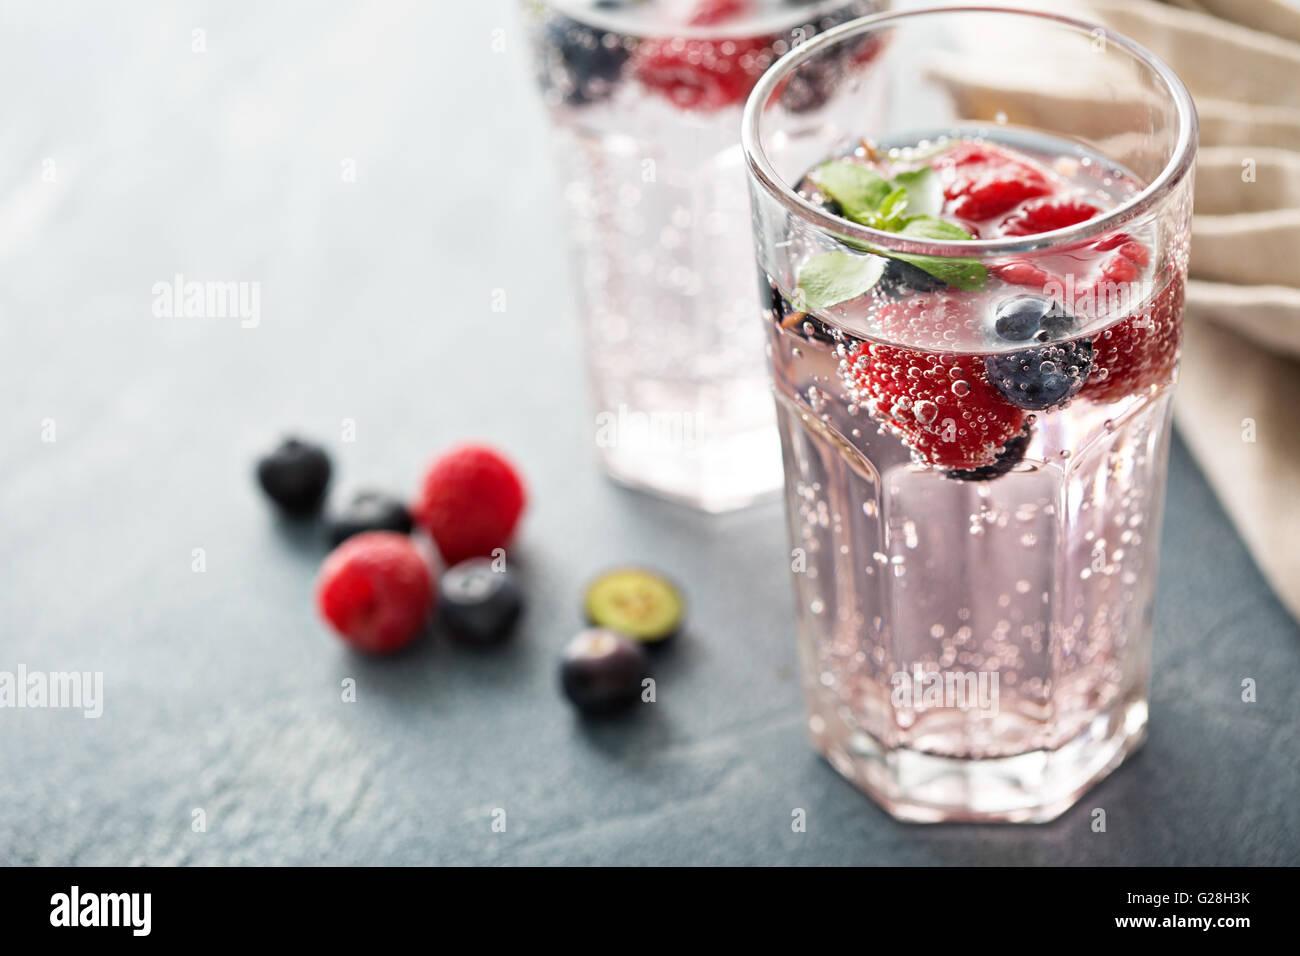 Mineralwasser mit Himbeeren und Heidelbeeren Stockbild